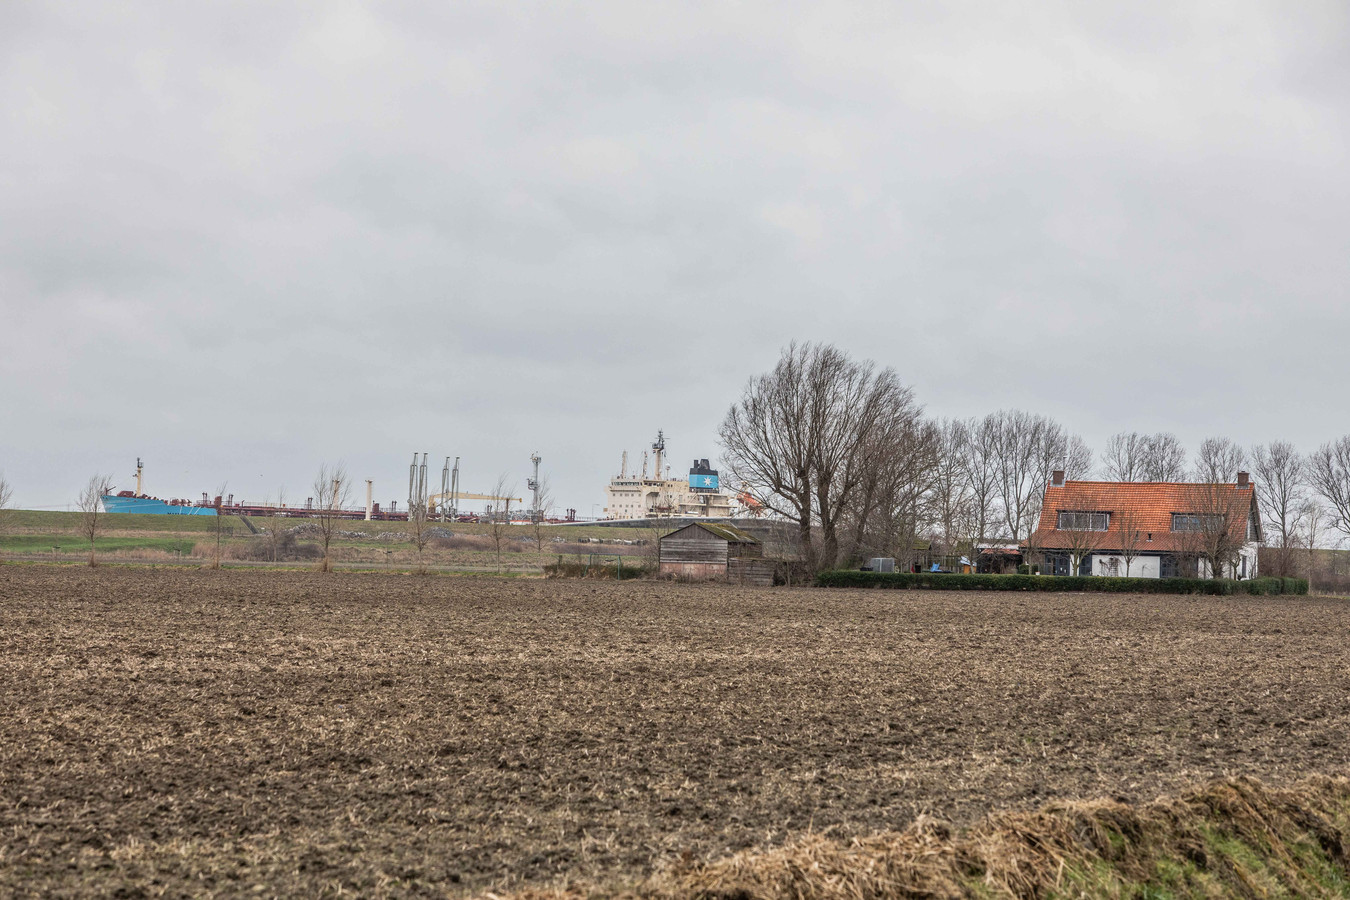 Vlak buiten het dorp Borssele ligt de steiger van Zeeland Refinery.  Dit is een van de bronnen van geluidsoverlast.